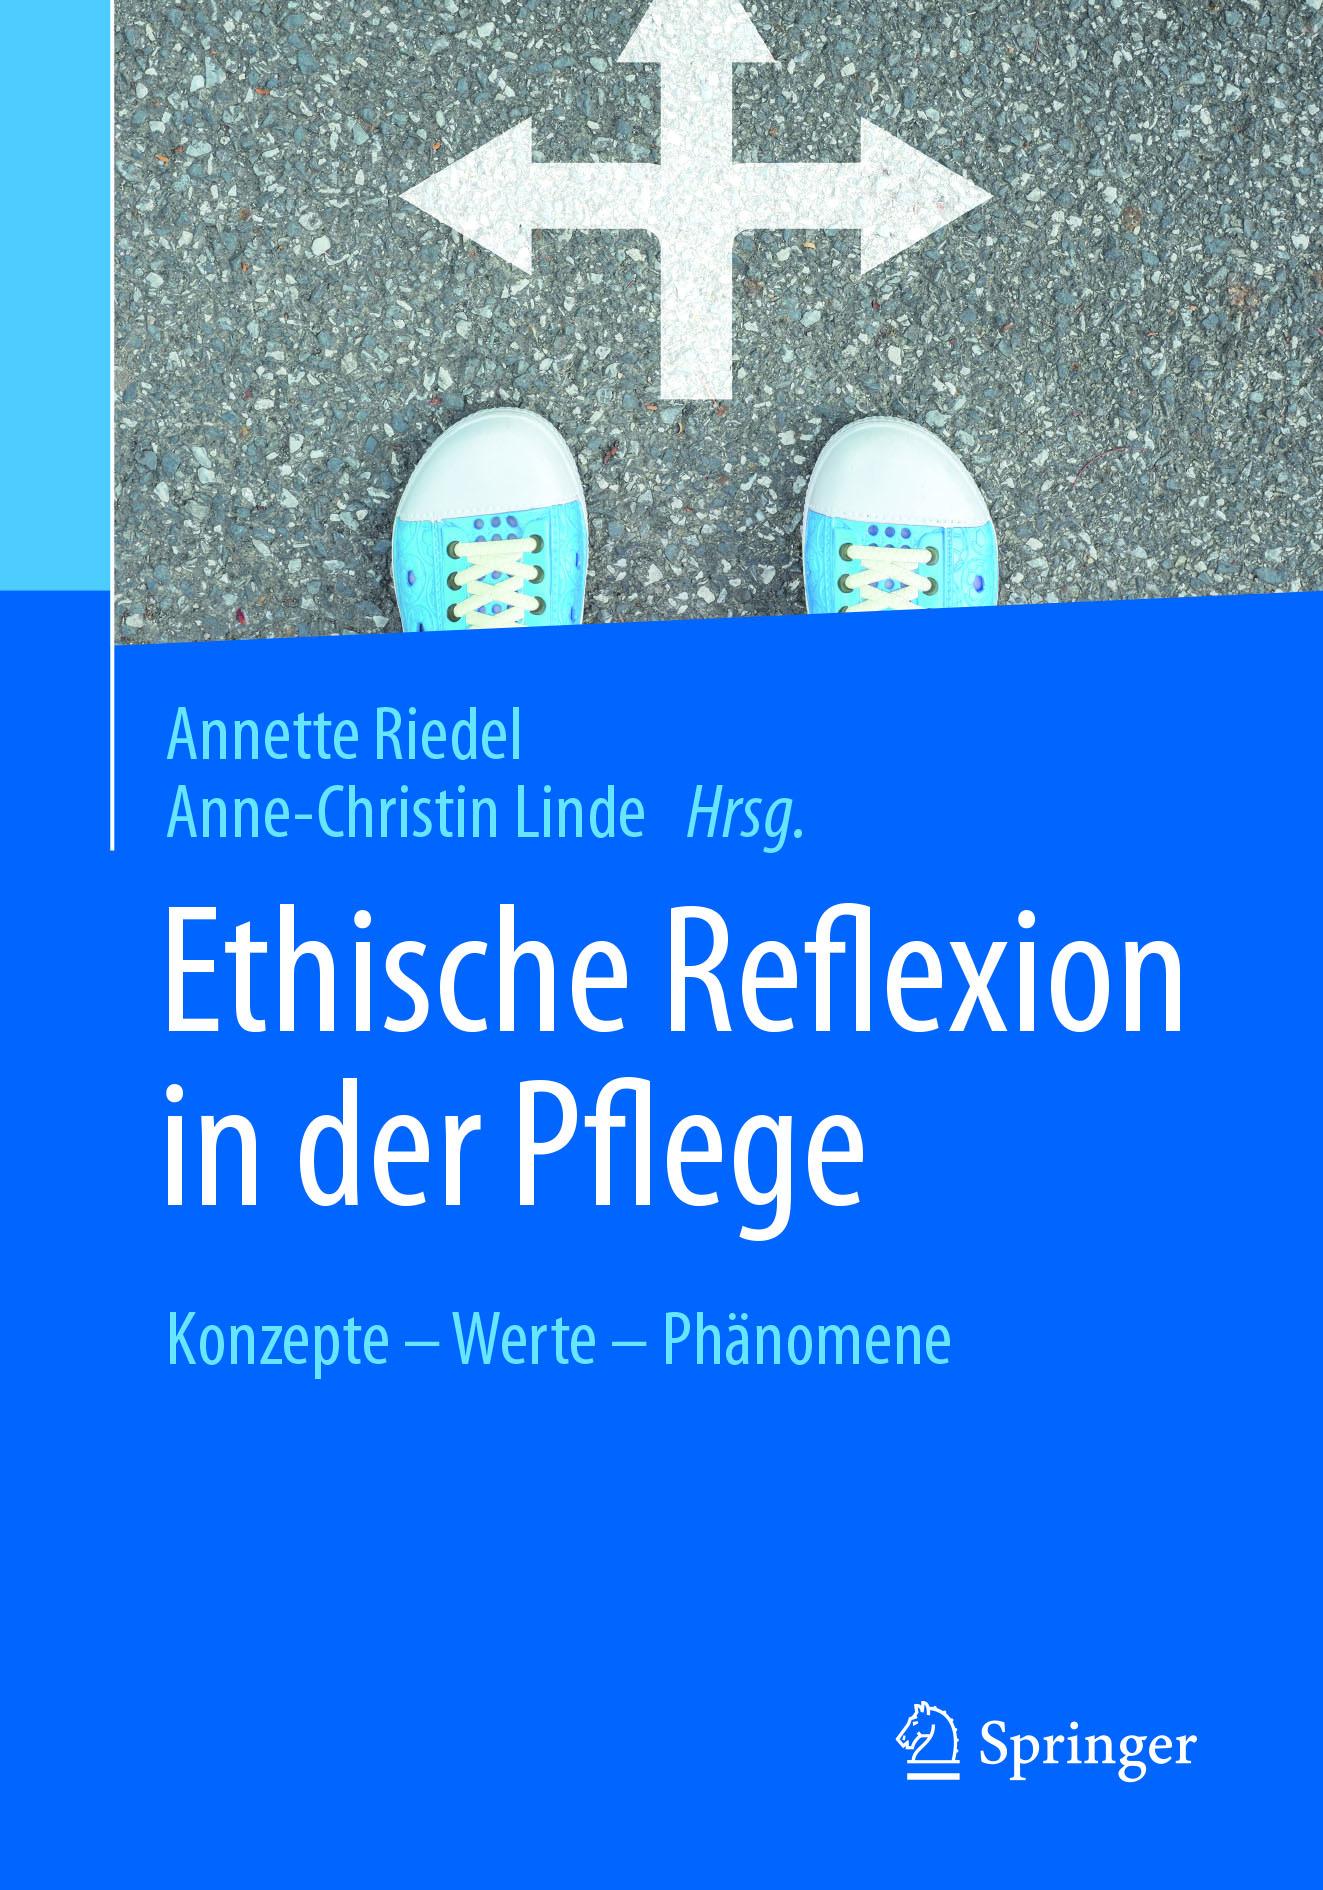 Linde, Anne-Christin - Ethische Reflexion in der Pflege, ebook